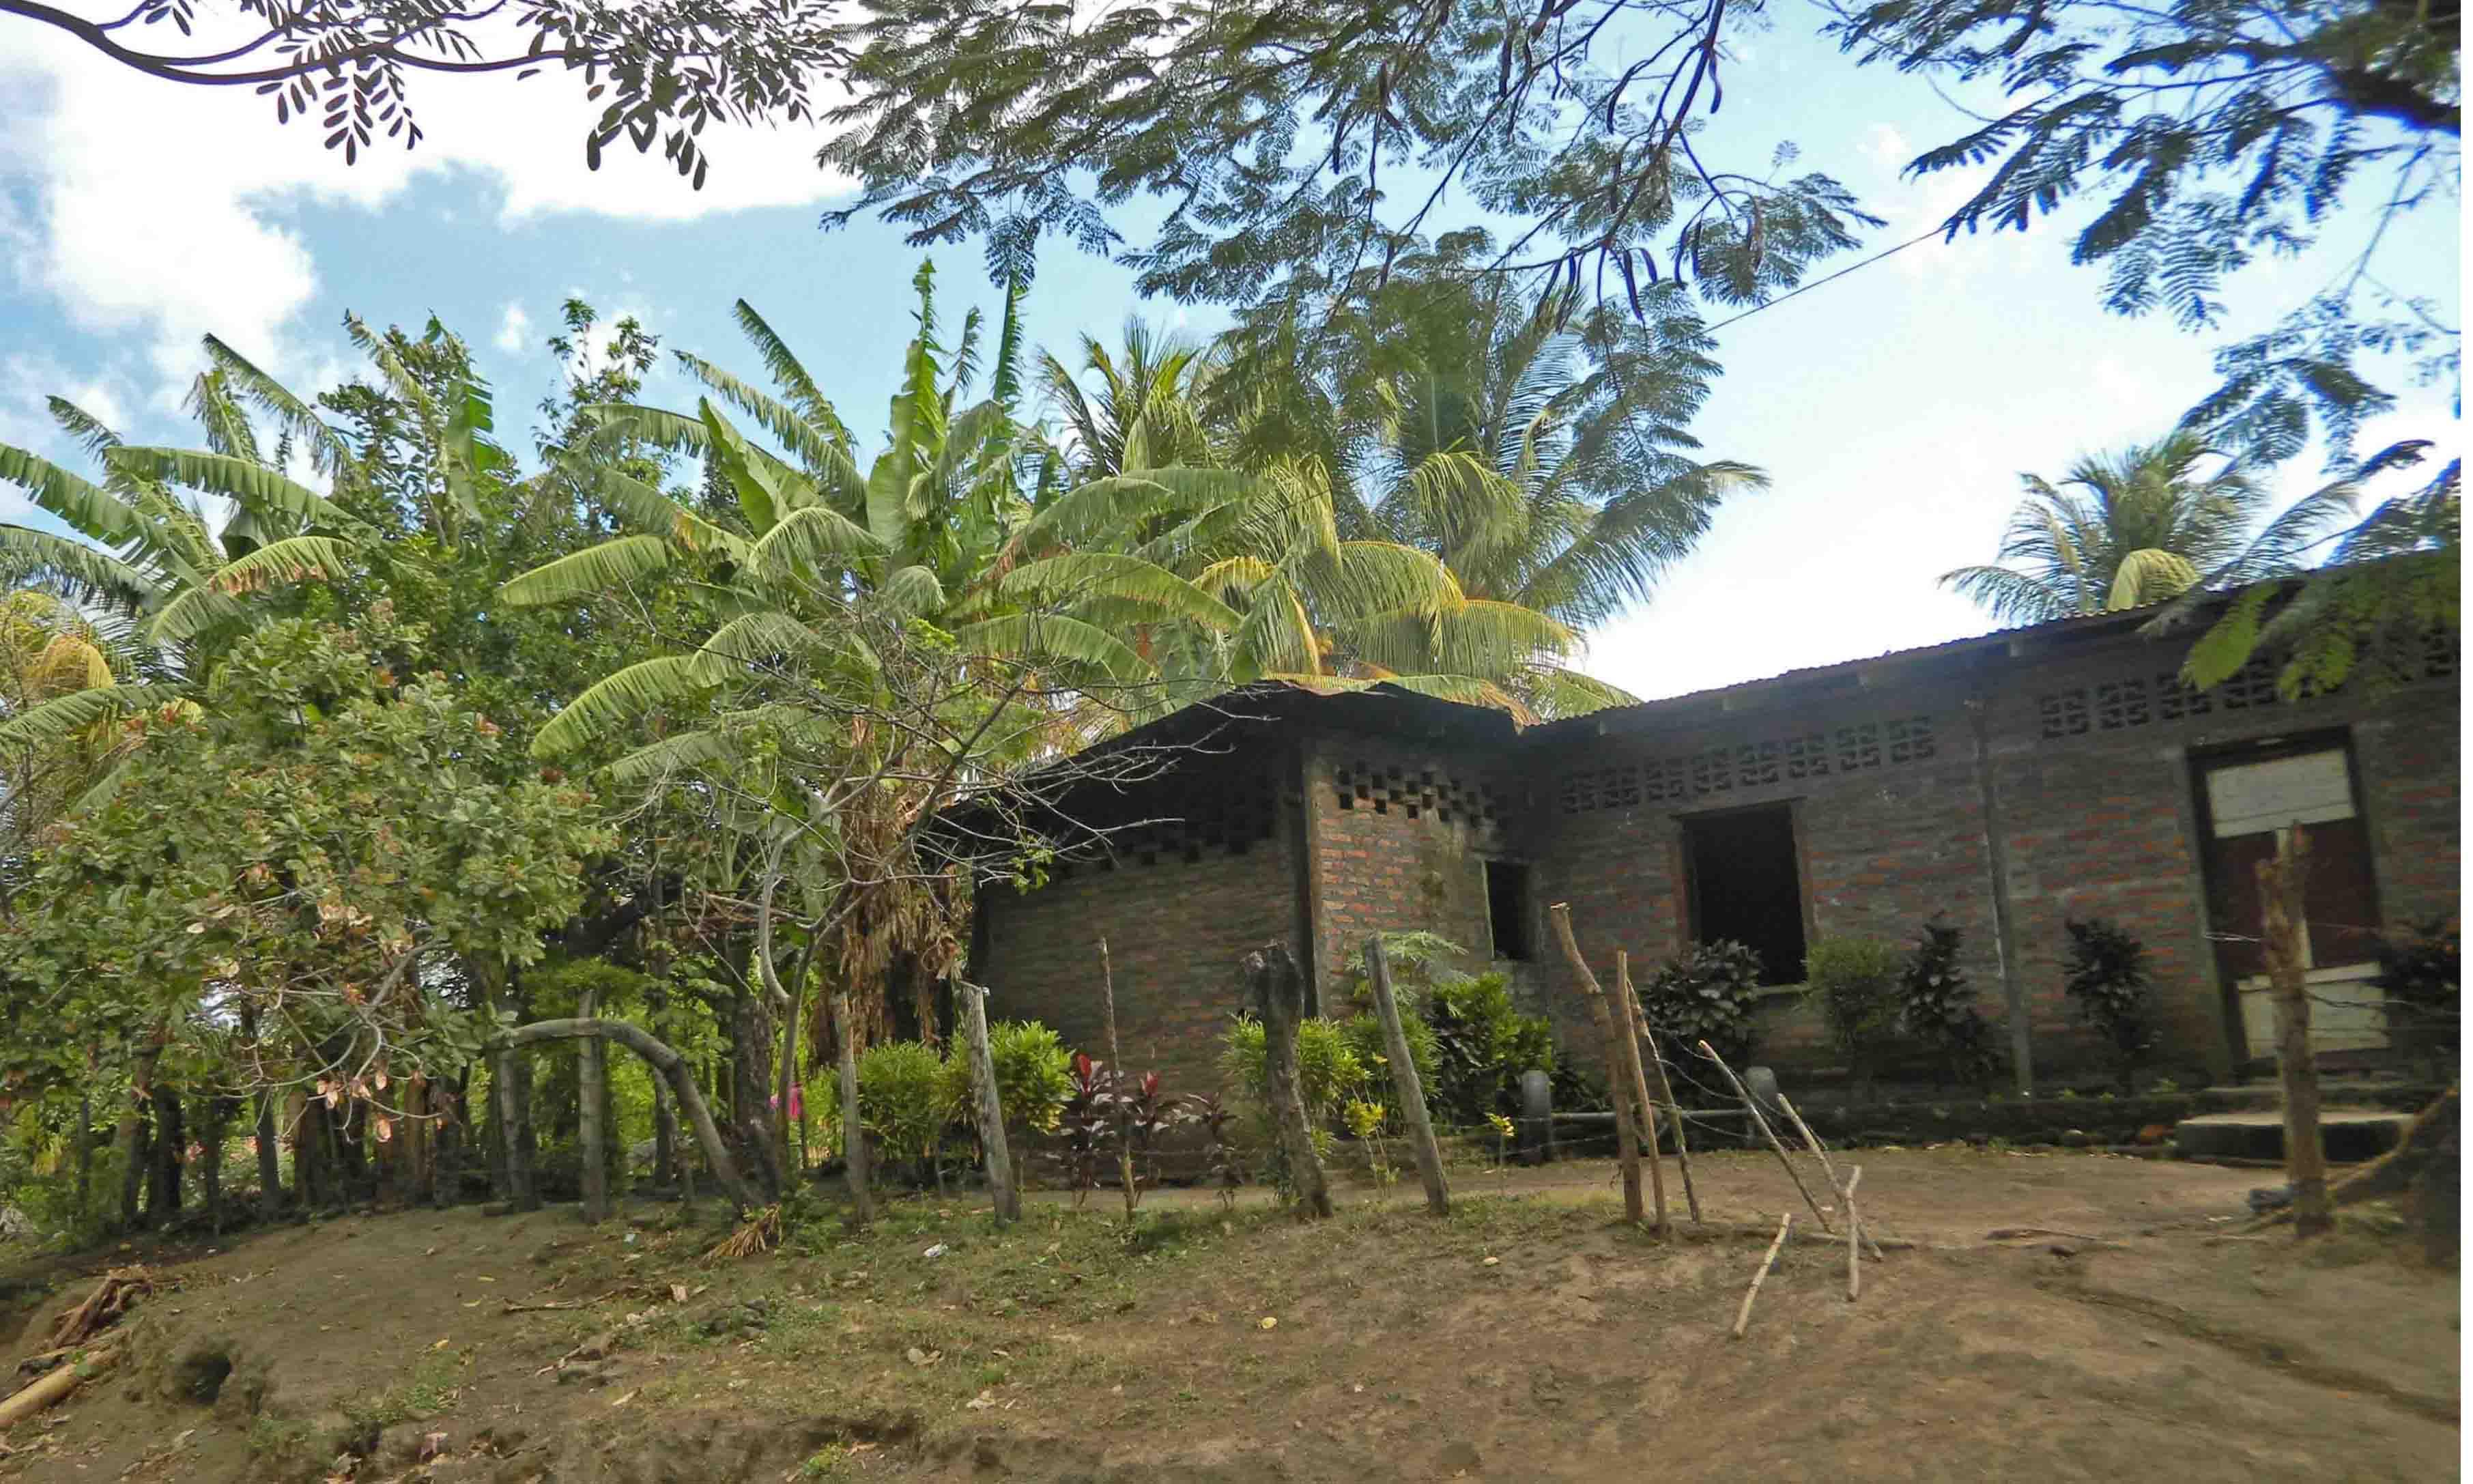 rural Nicaraguan home